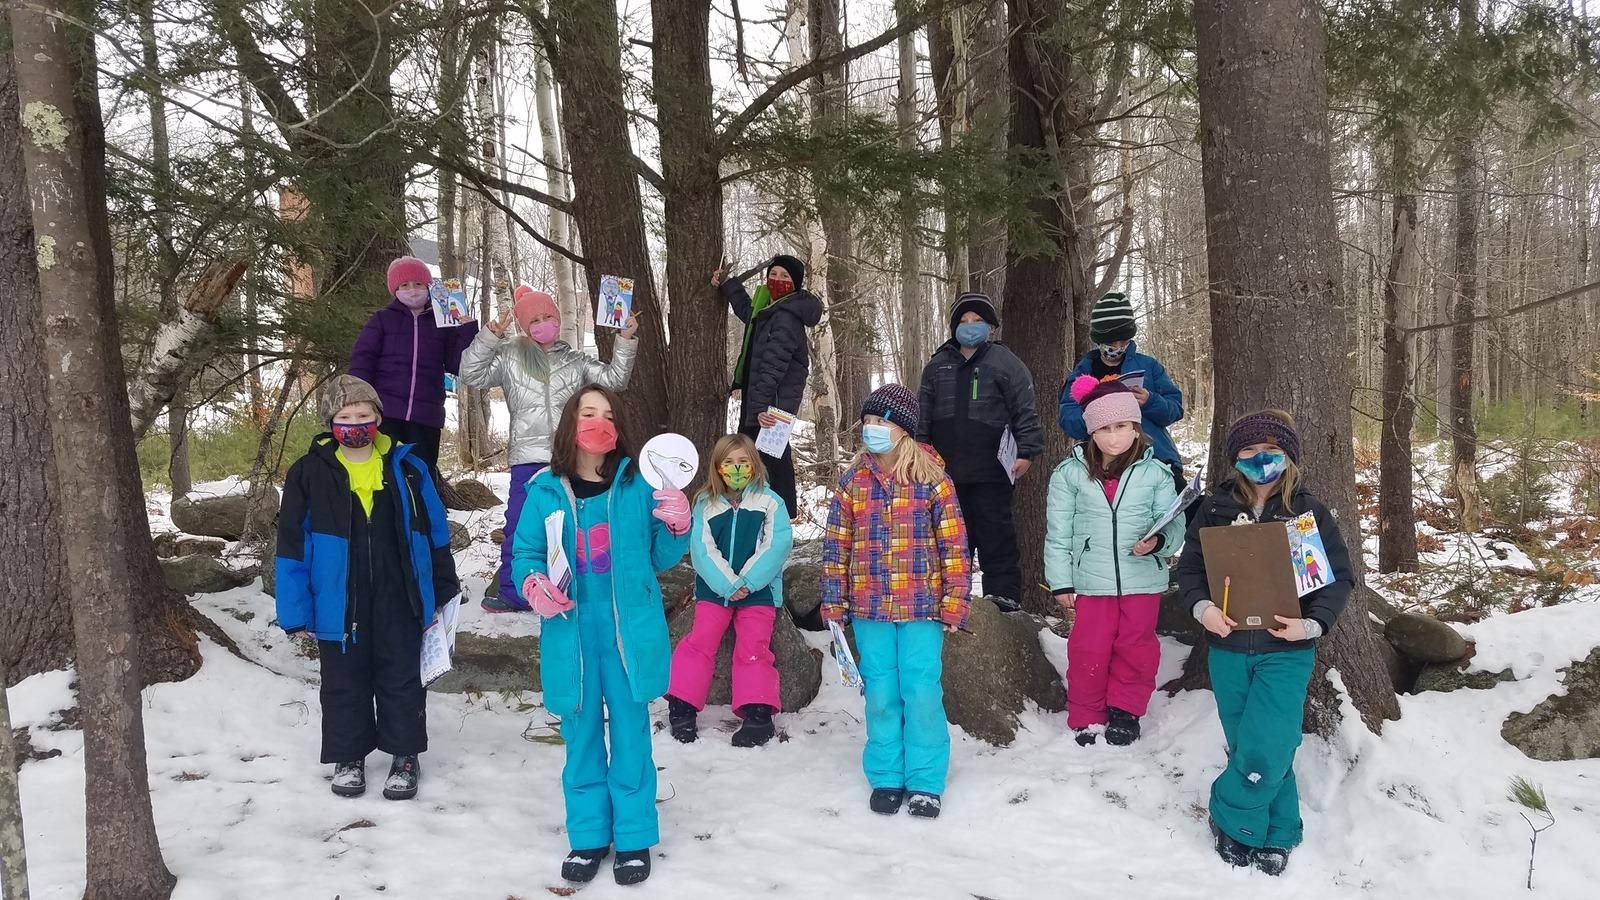 Week 1 Winners in the 2021 WinterKids Winter Games